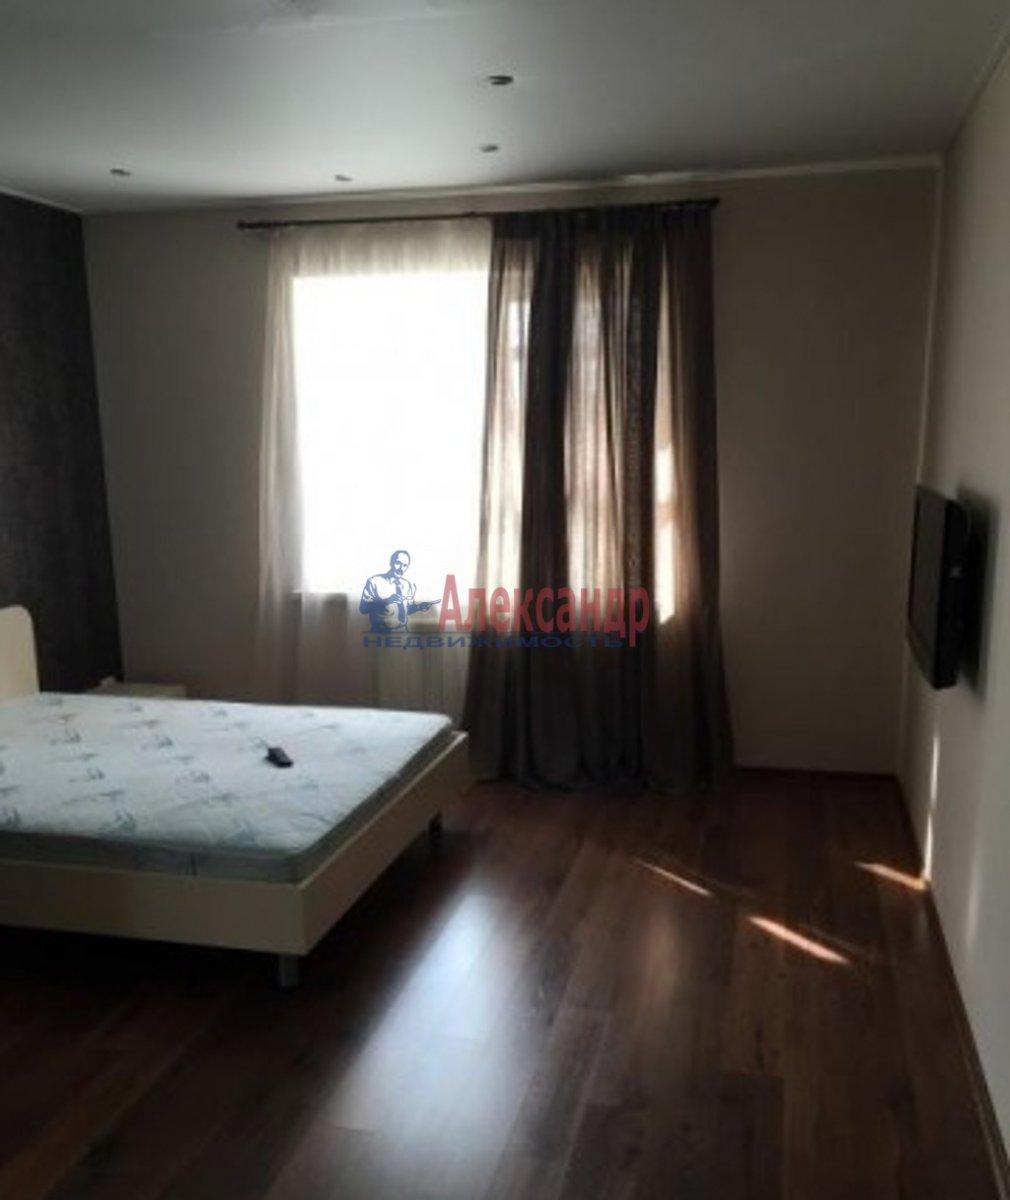 2-комнатная квартира (65м2) в аренду по адресу Просвещения пр., 99— фото 2 из 3